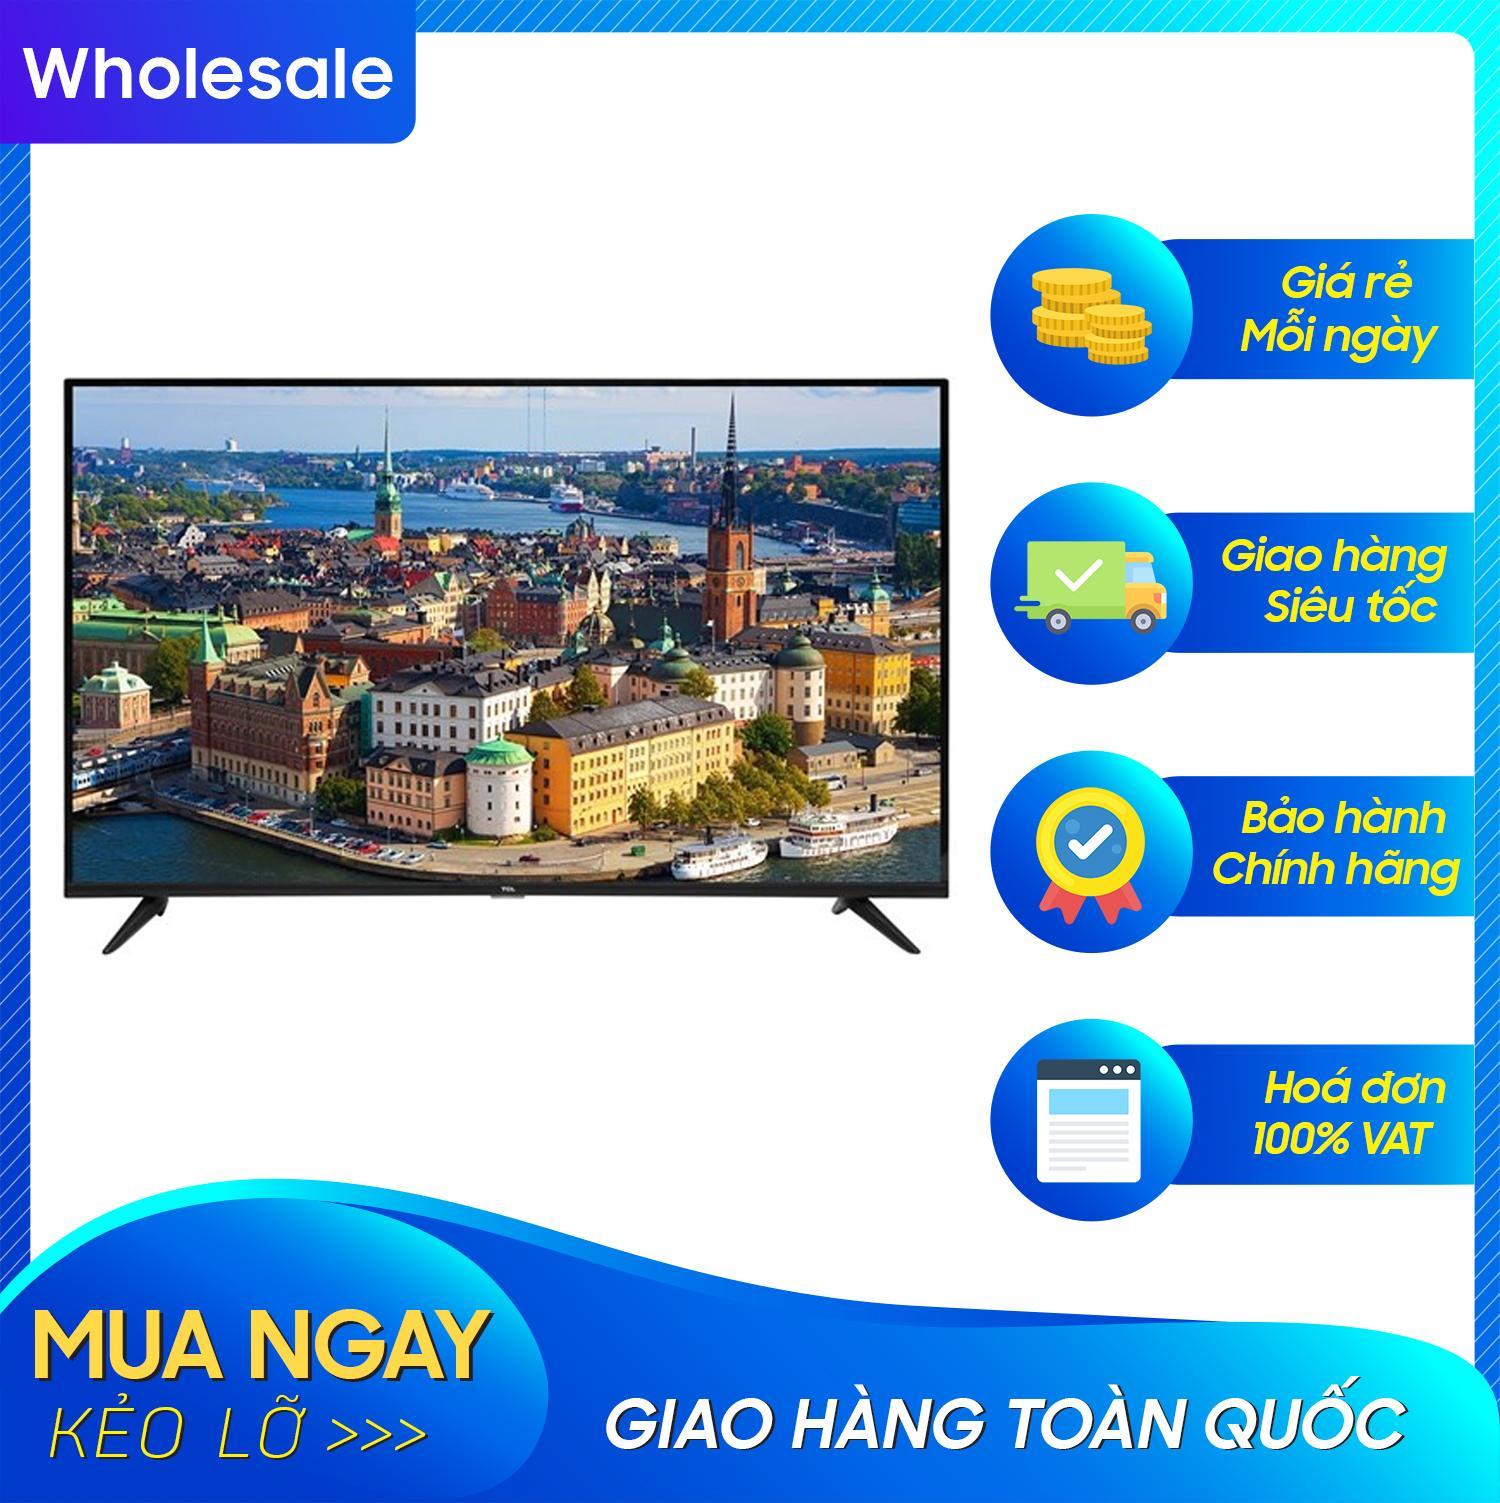 Bảng giá Smart Tivi TCL 55 inch 4K UHD L55P65 - HDR, Micro Dimming, Dolby, T-cast - Tivi giá rẻ chất lượng - Bảo hành 3 năm